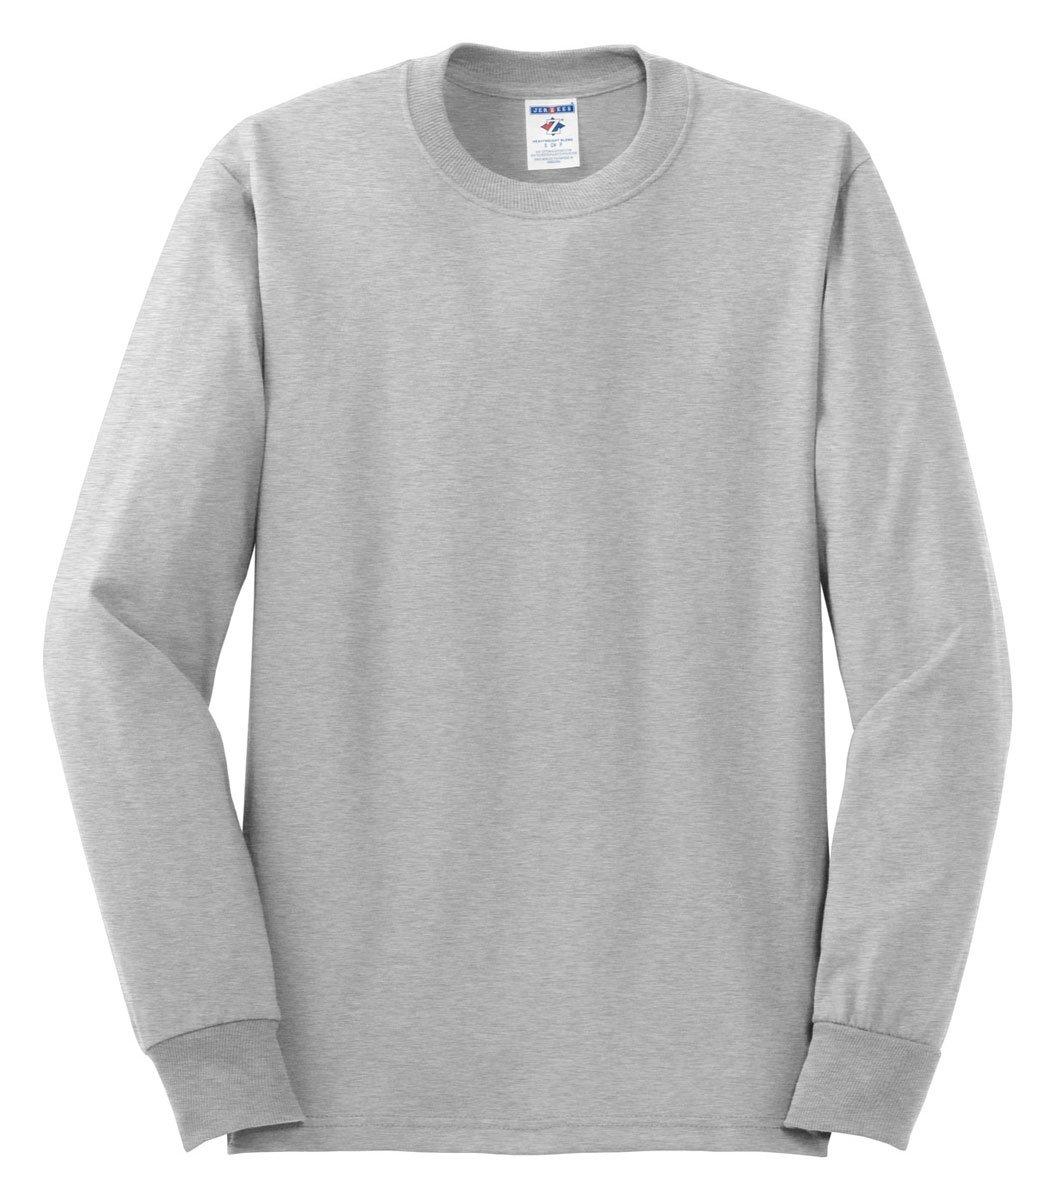 【当店限定販売】 Jerzees Tシャツ – dri-powerアクティブ長袖50/ 29lsr 50 Tシャツ – 29lsr B001BK6IZY バーチ S バーチ バーチ S, 三河物産:cda64435 --- credibem.com.br